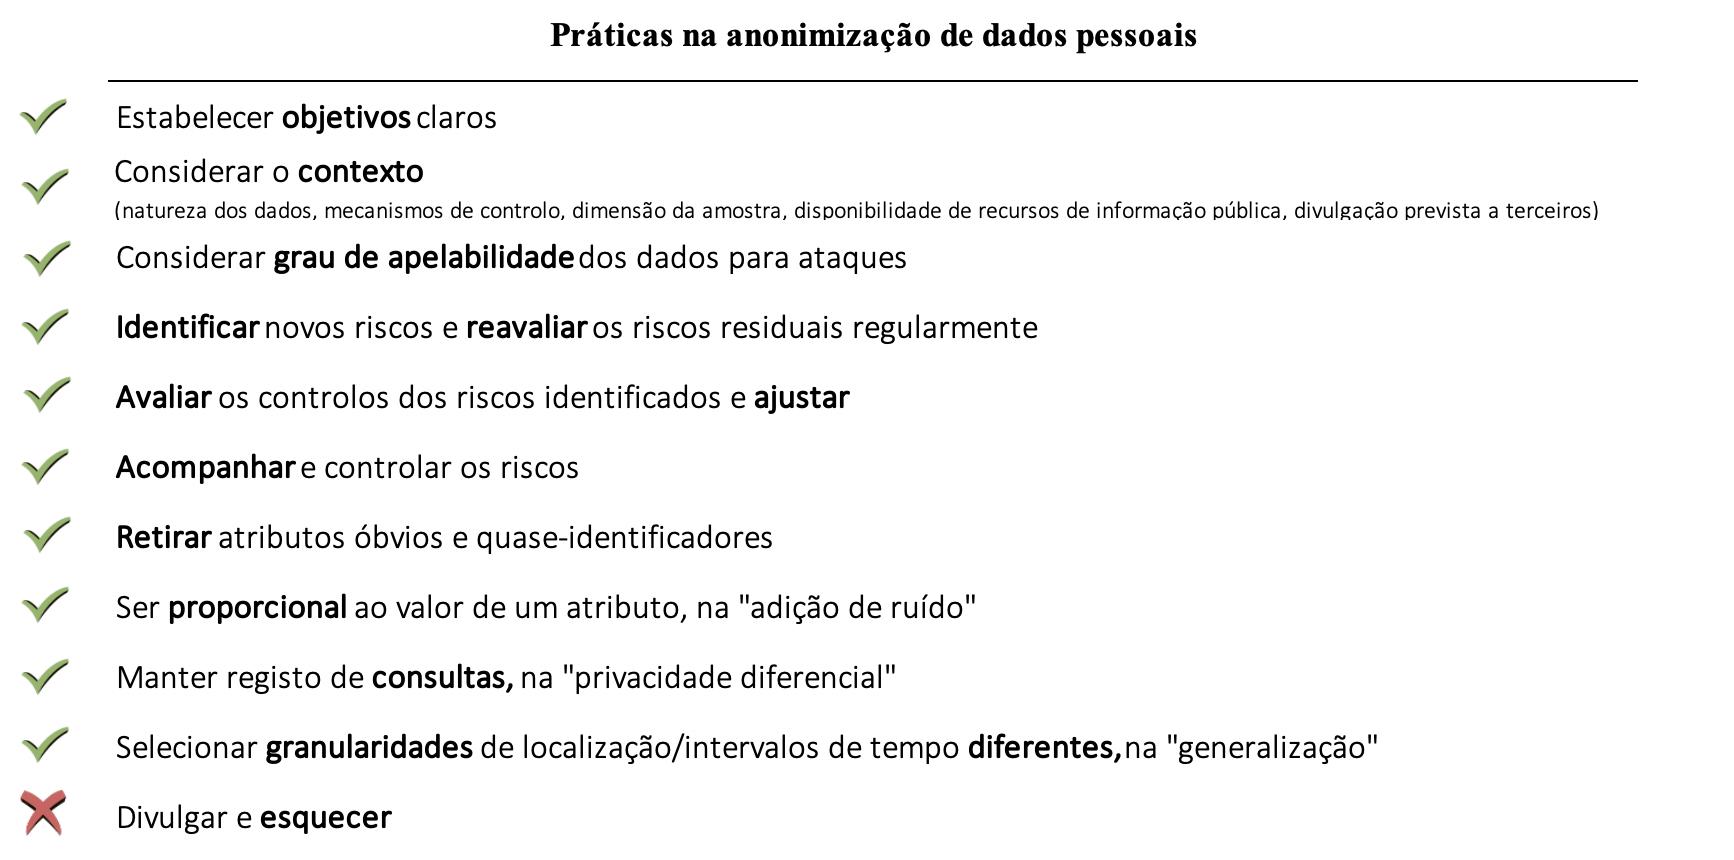 42_boas_praticas_anonimizacao